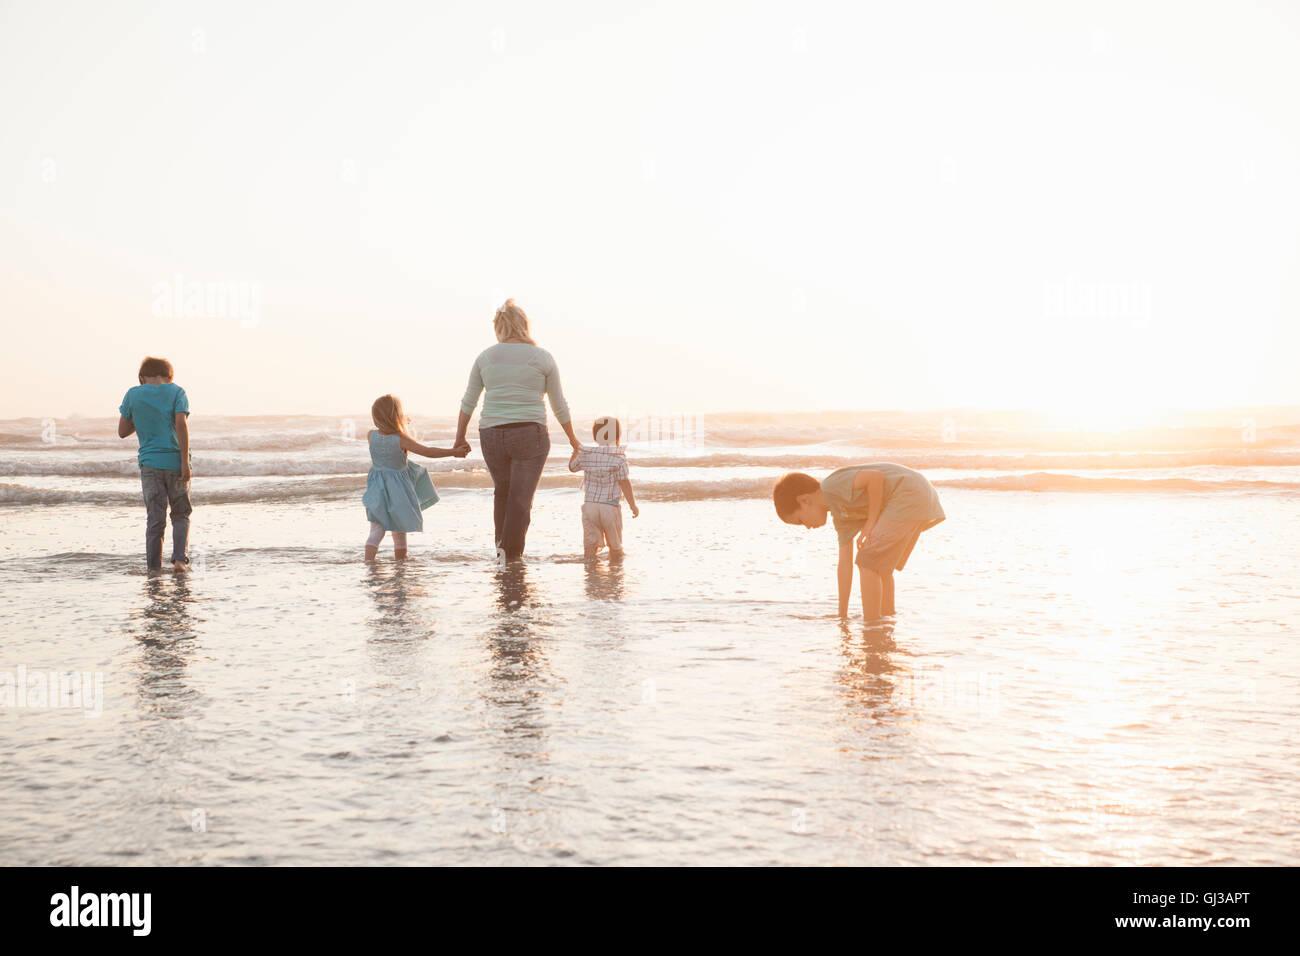 Las manos de la familia remando en el océano Imagen De Stock